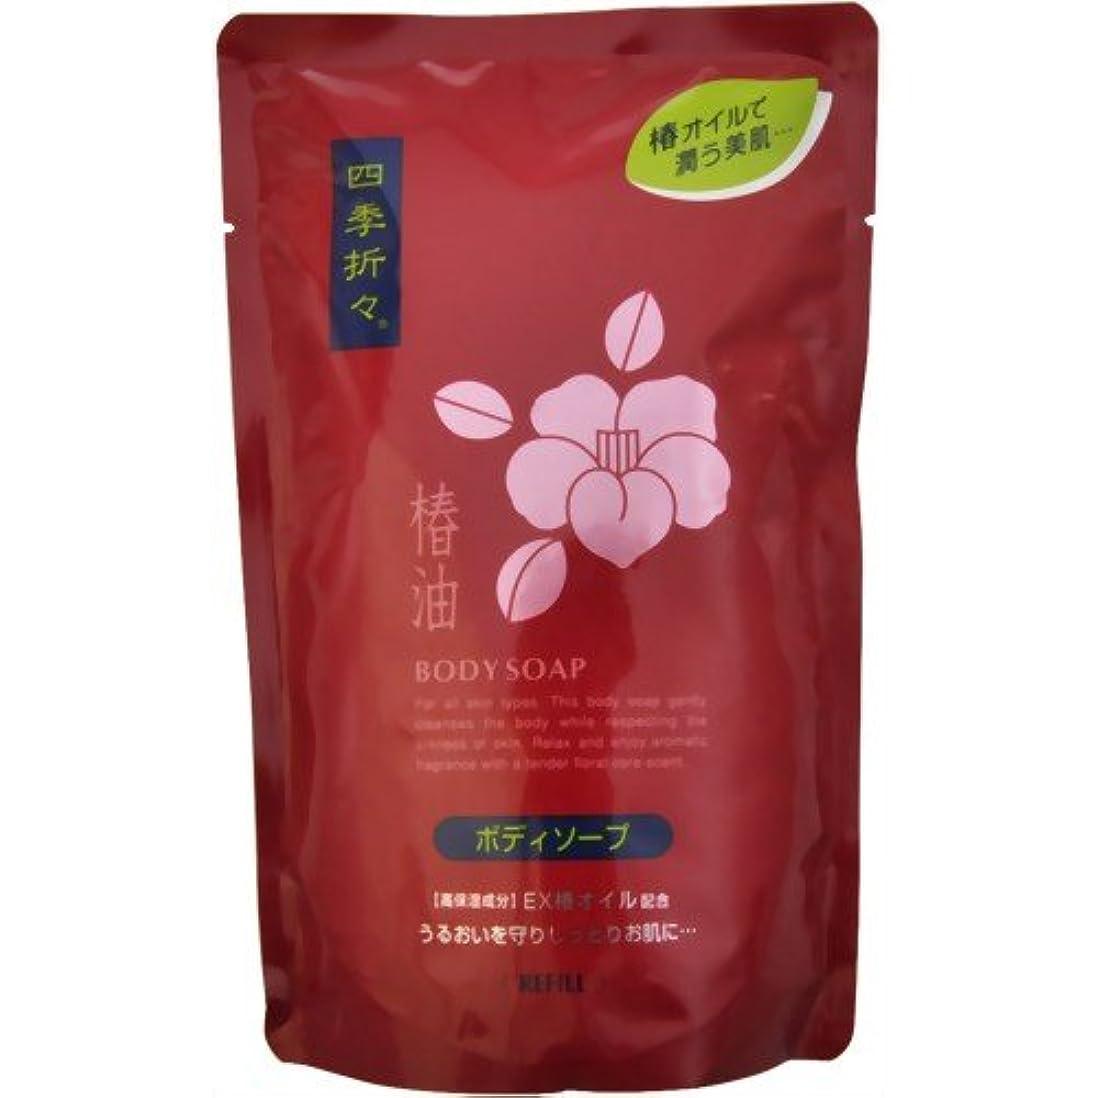 水曜日ページェントわざわざ熊野油脂 四季折々 椿油ボディソープ つめかえ用 450ml